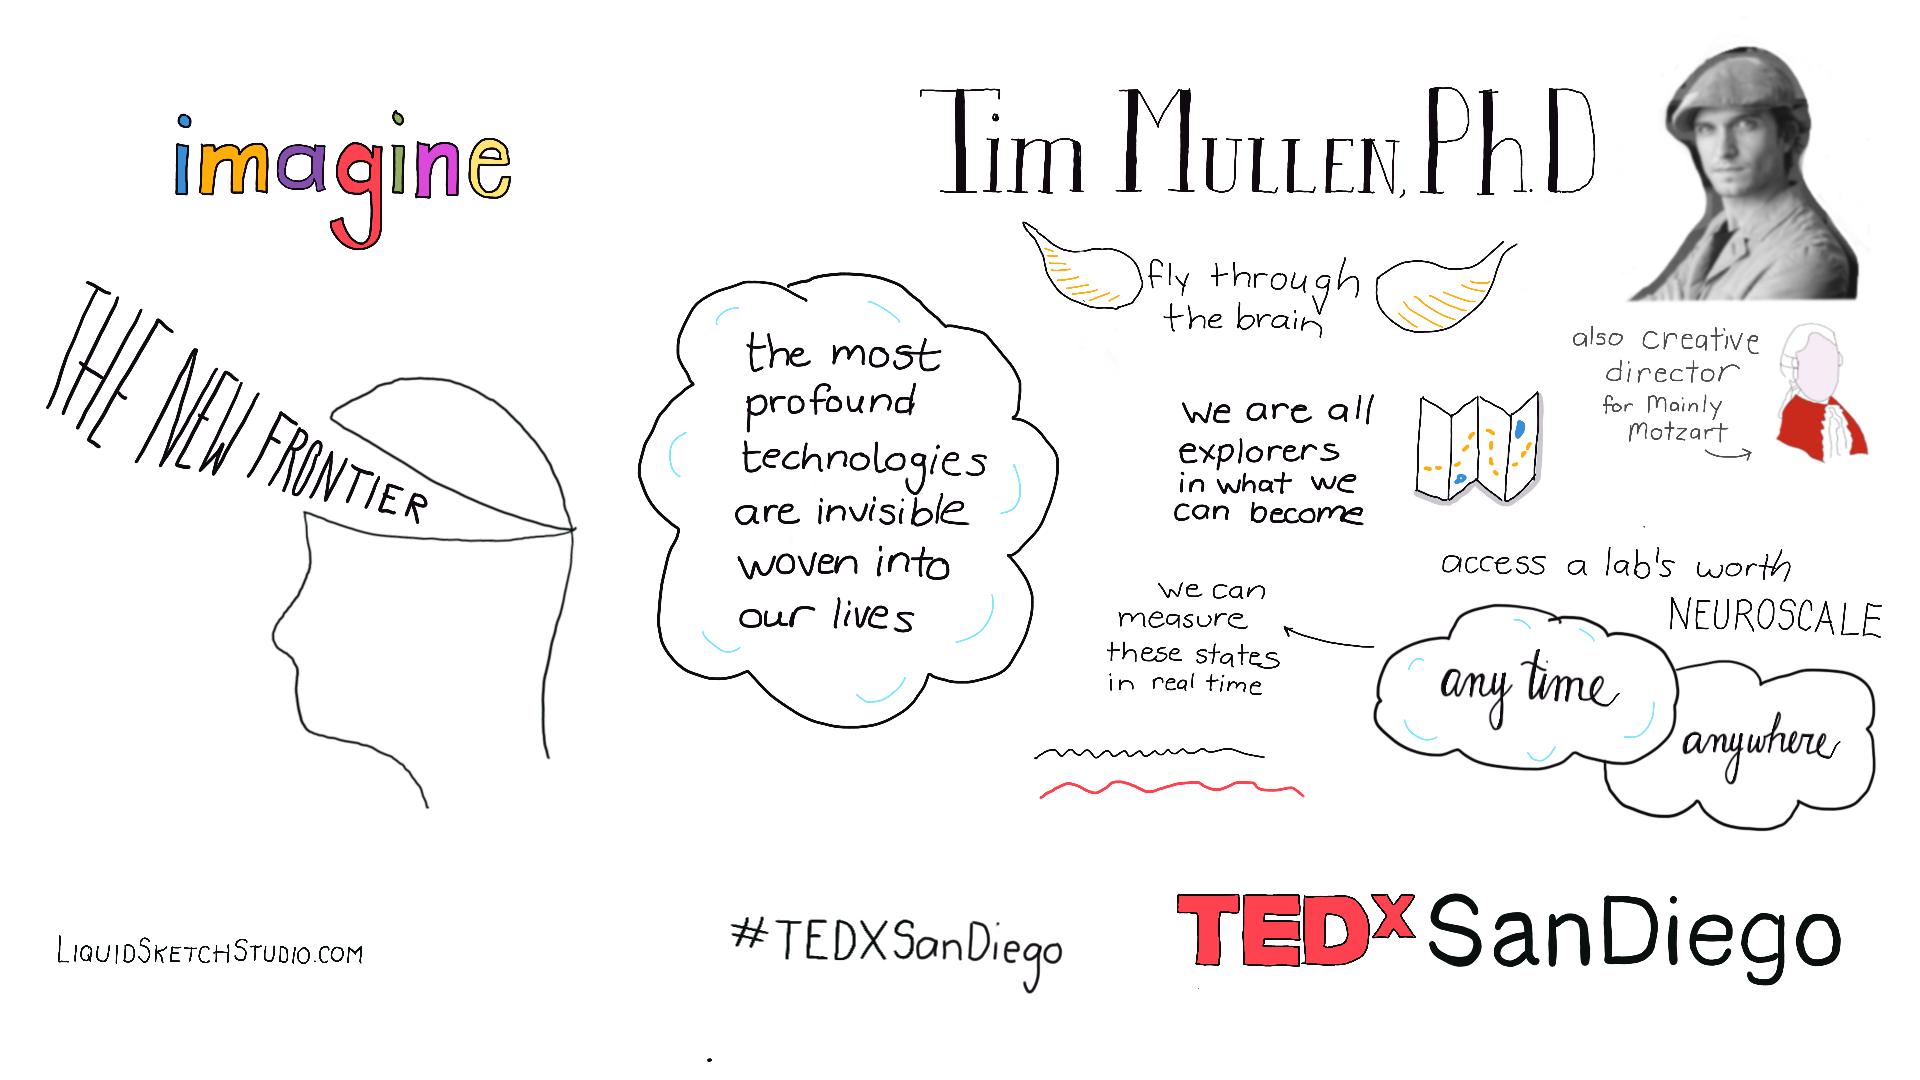 TEDx_mullen.png